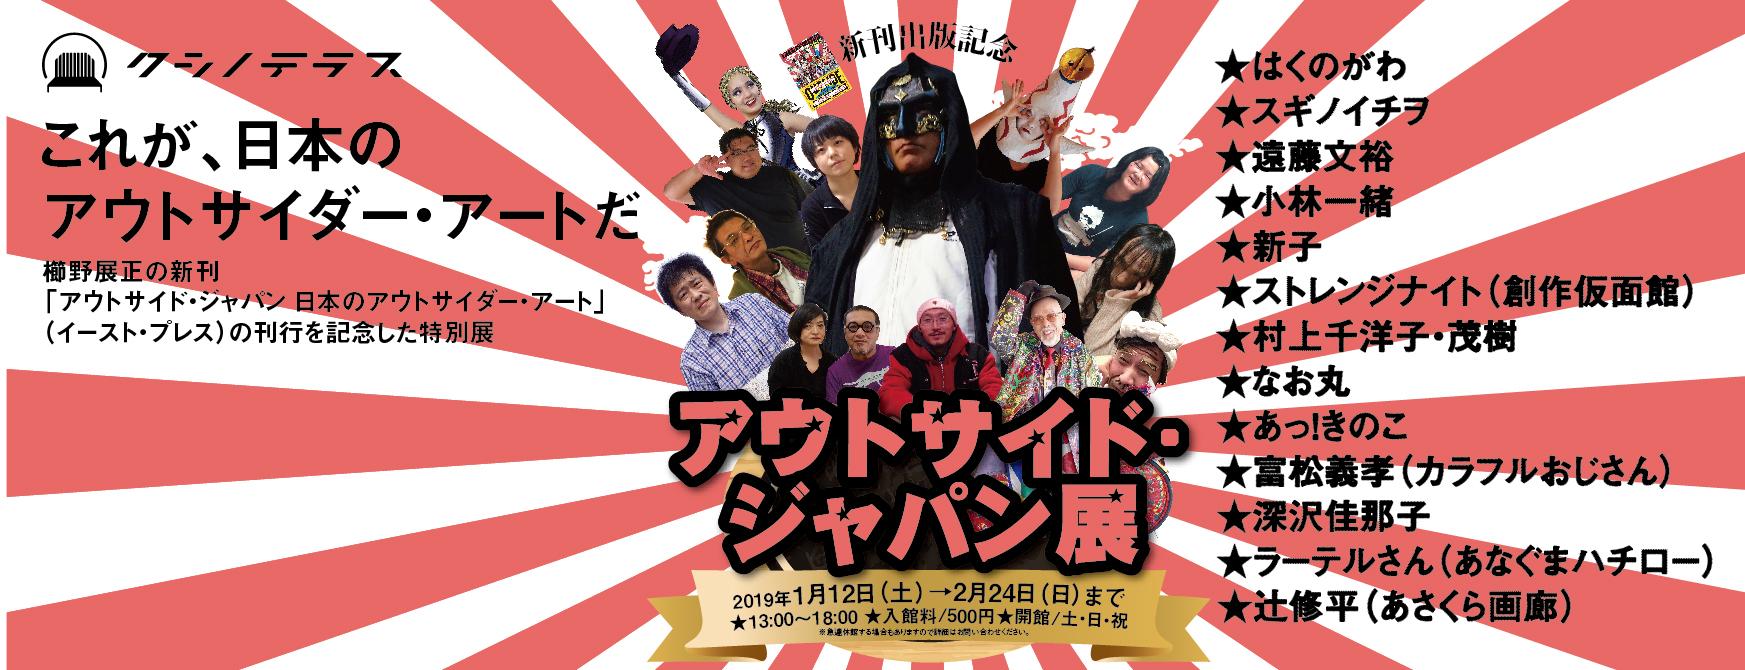 アウトサイド・ジャパン展